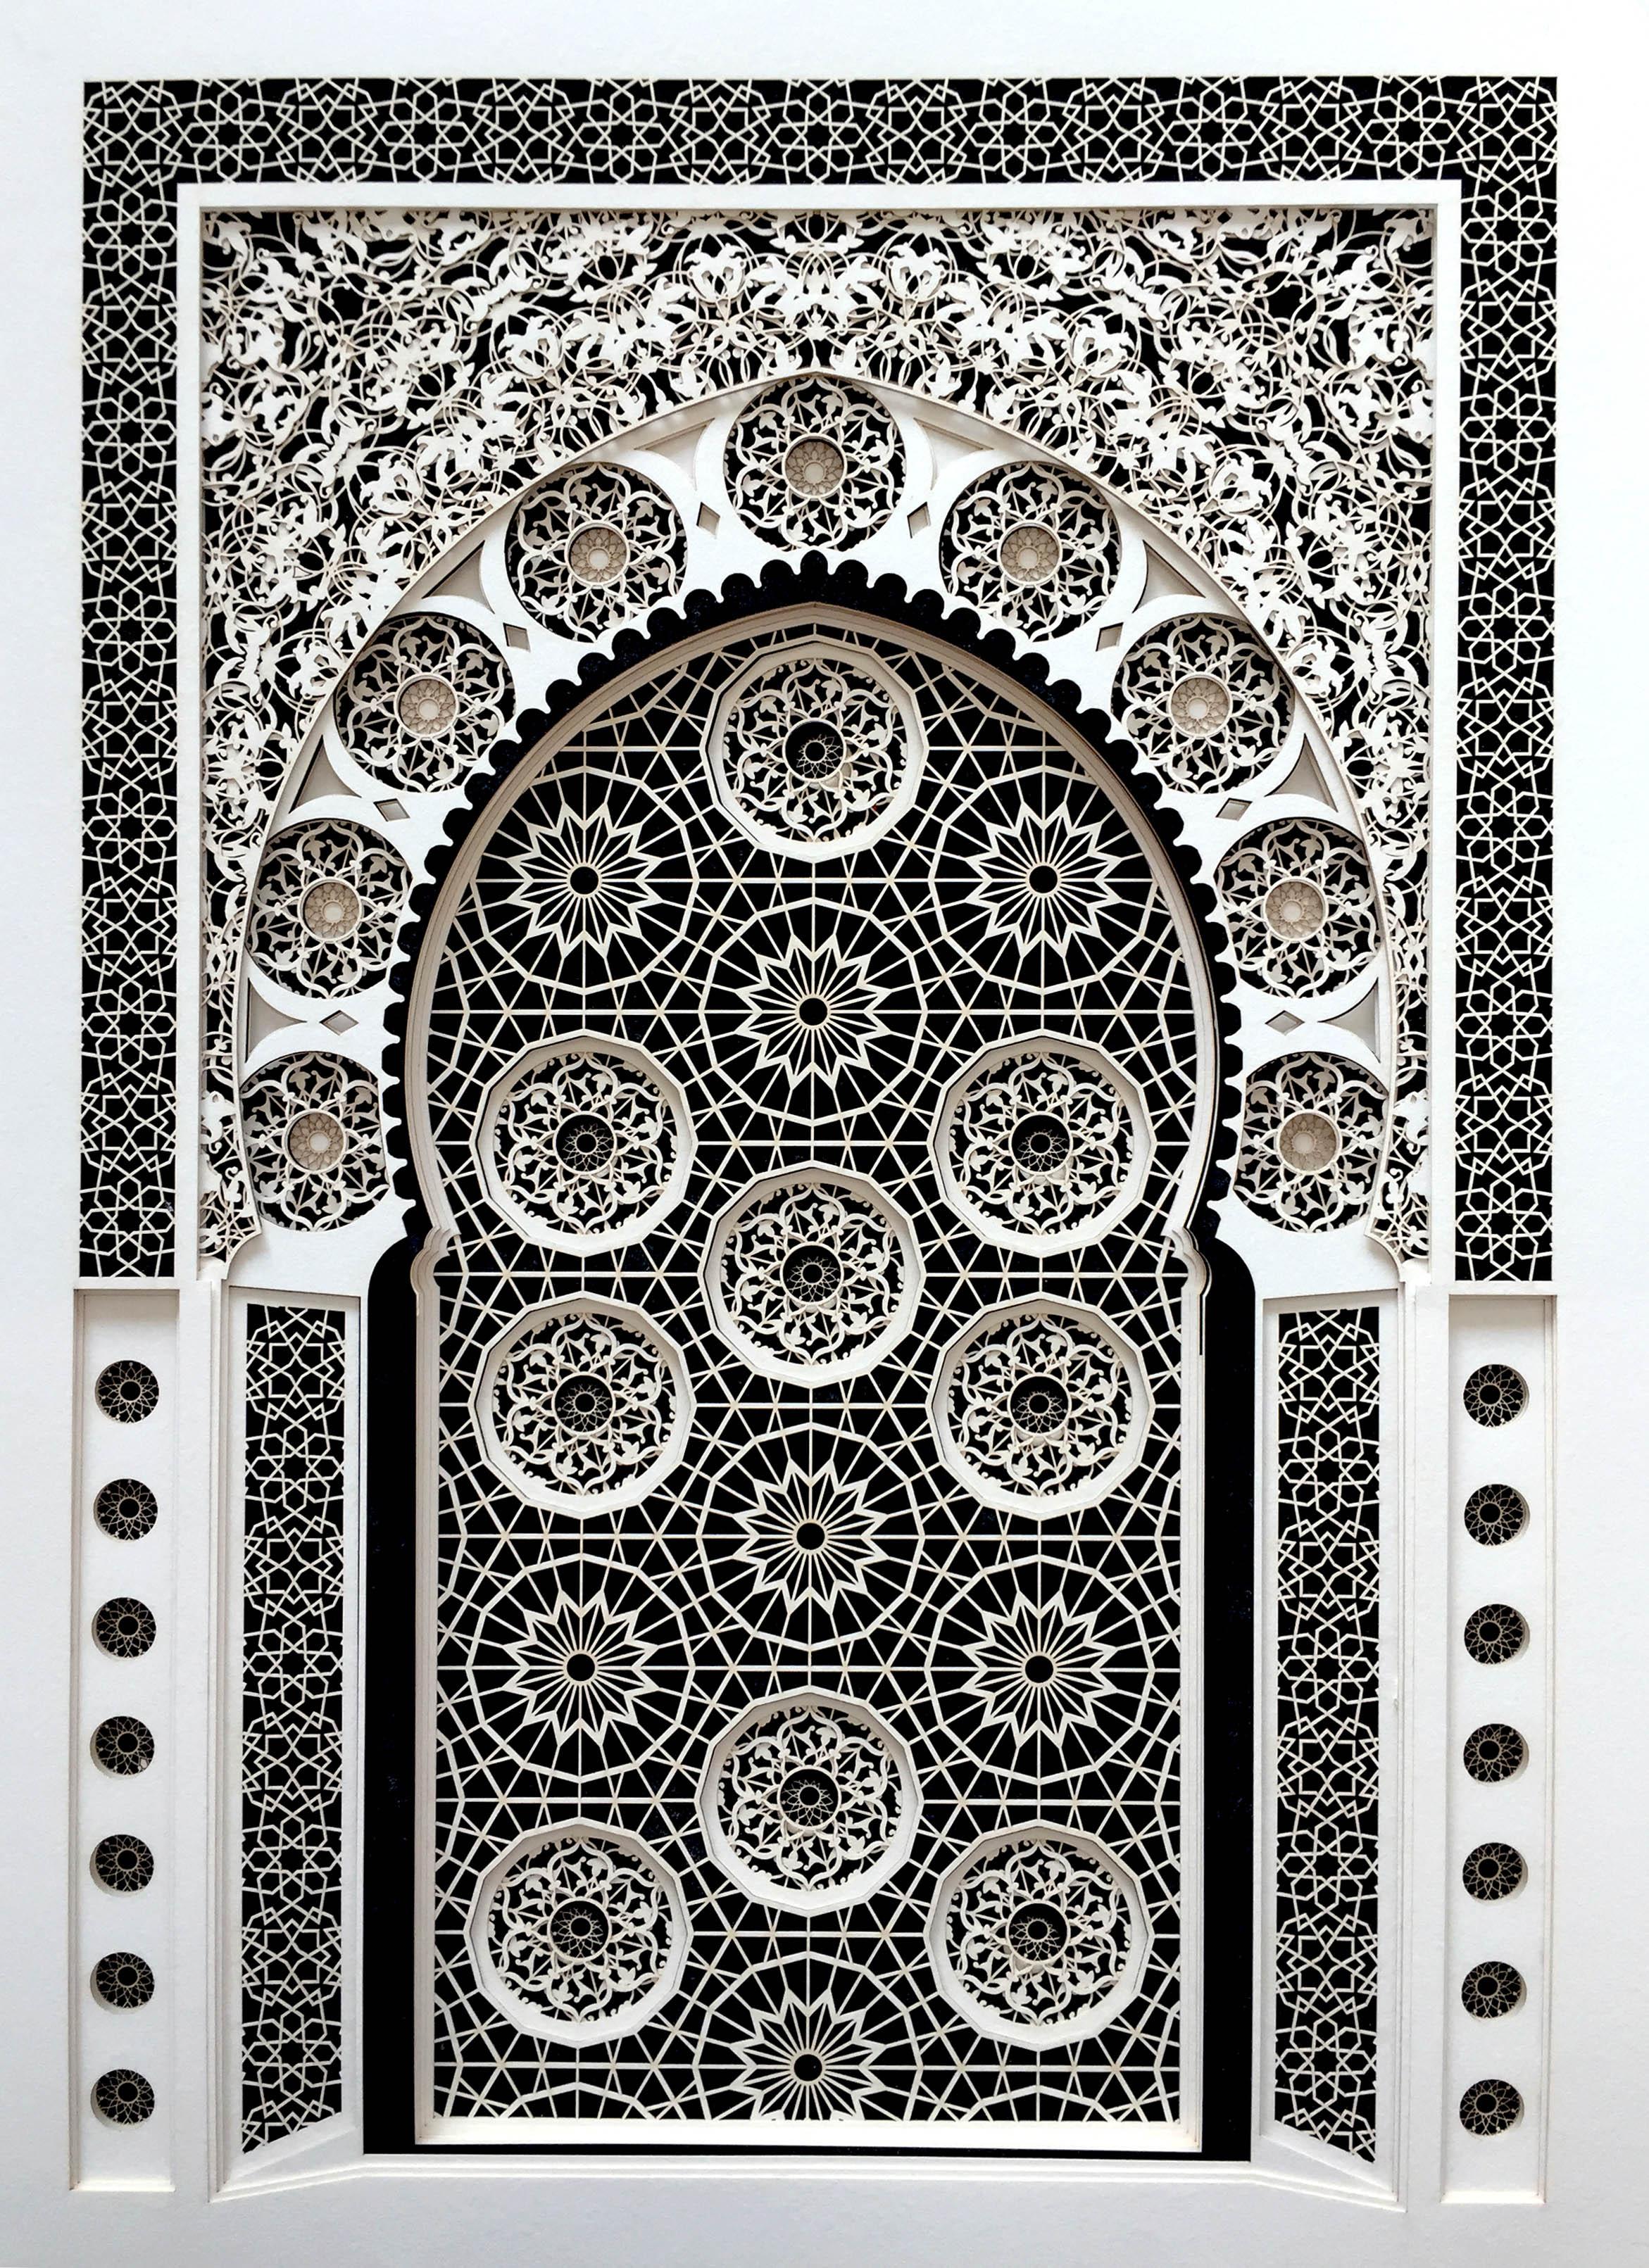 Entrance in Arabesque